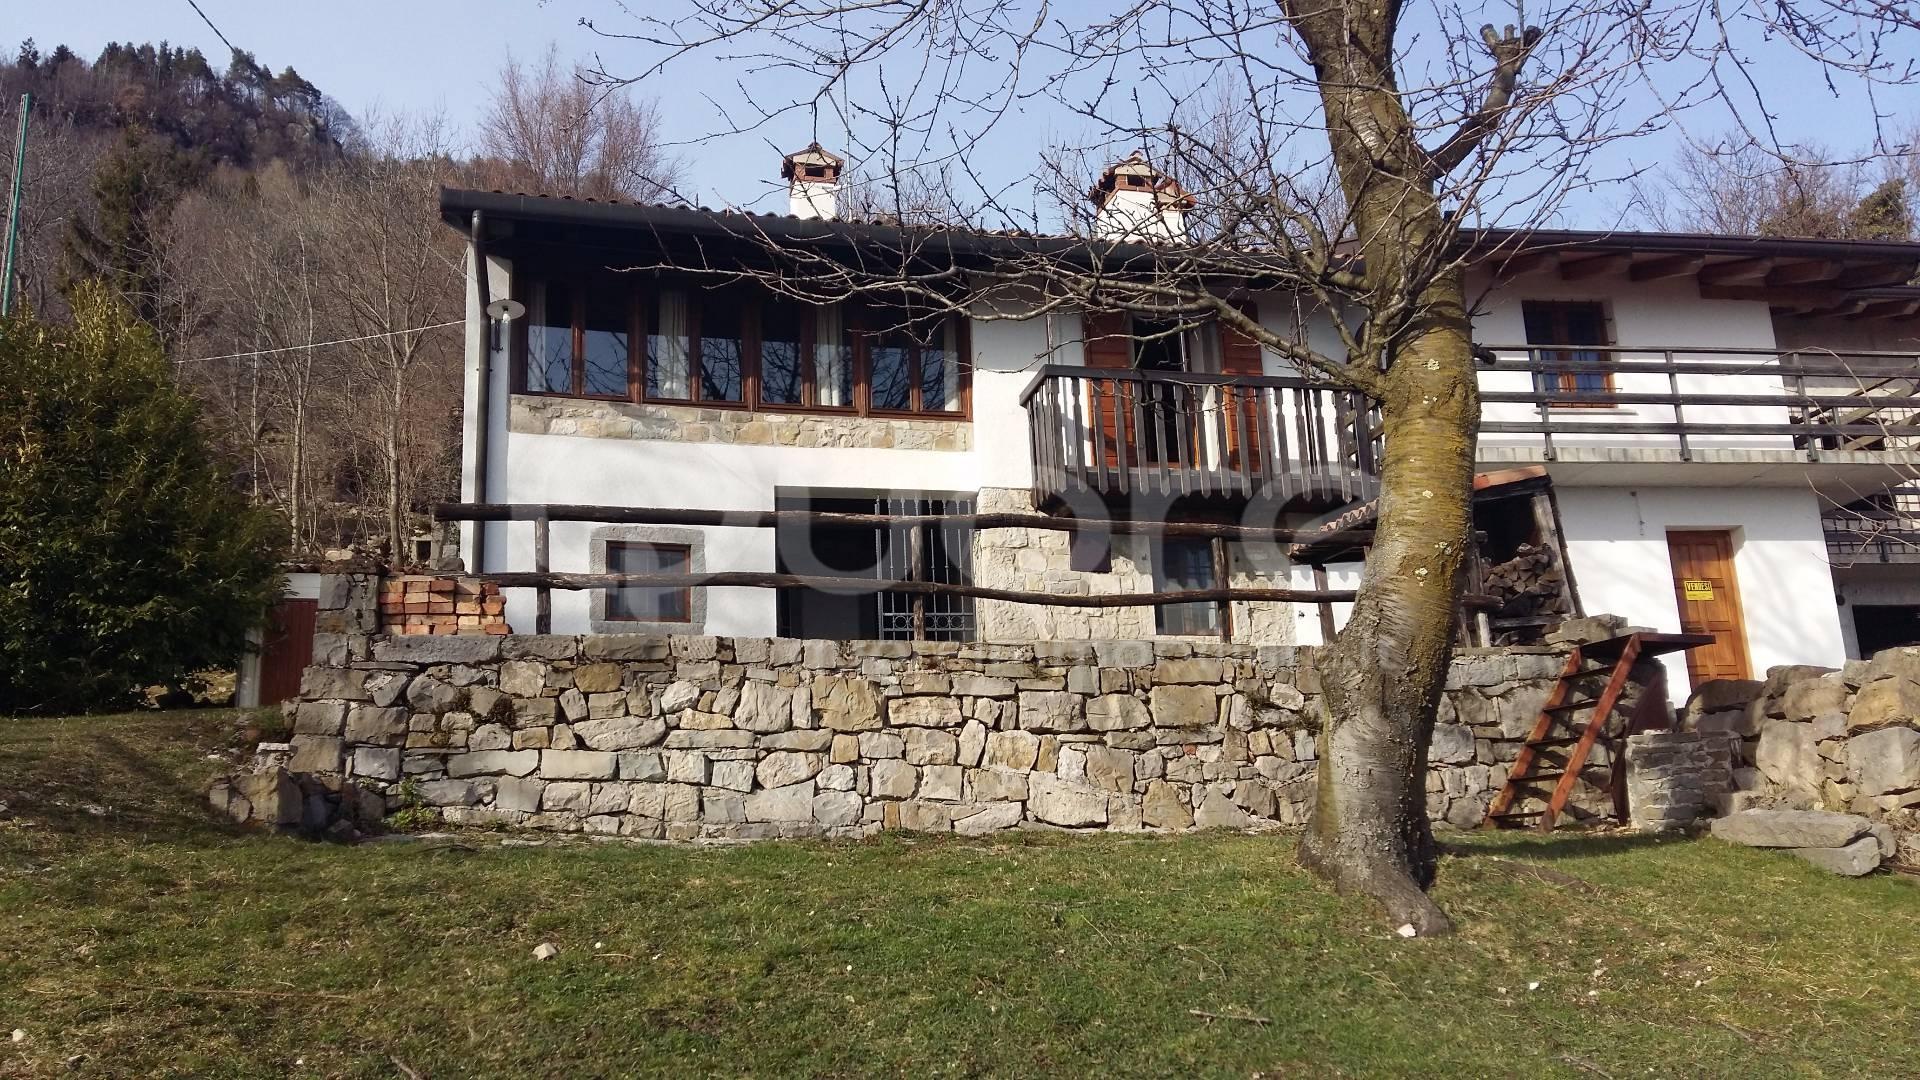 Rustico / Casale in vendita a Faedis, 4 locali, zona Zona: Clap, prezzo € 69.000 | Cambio Casa.it